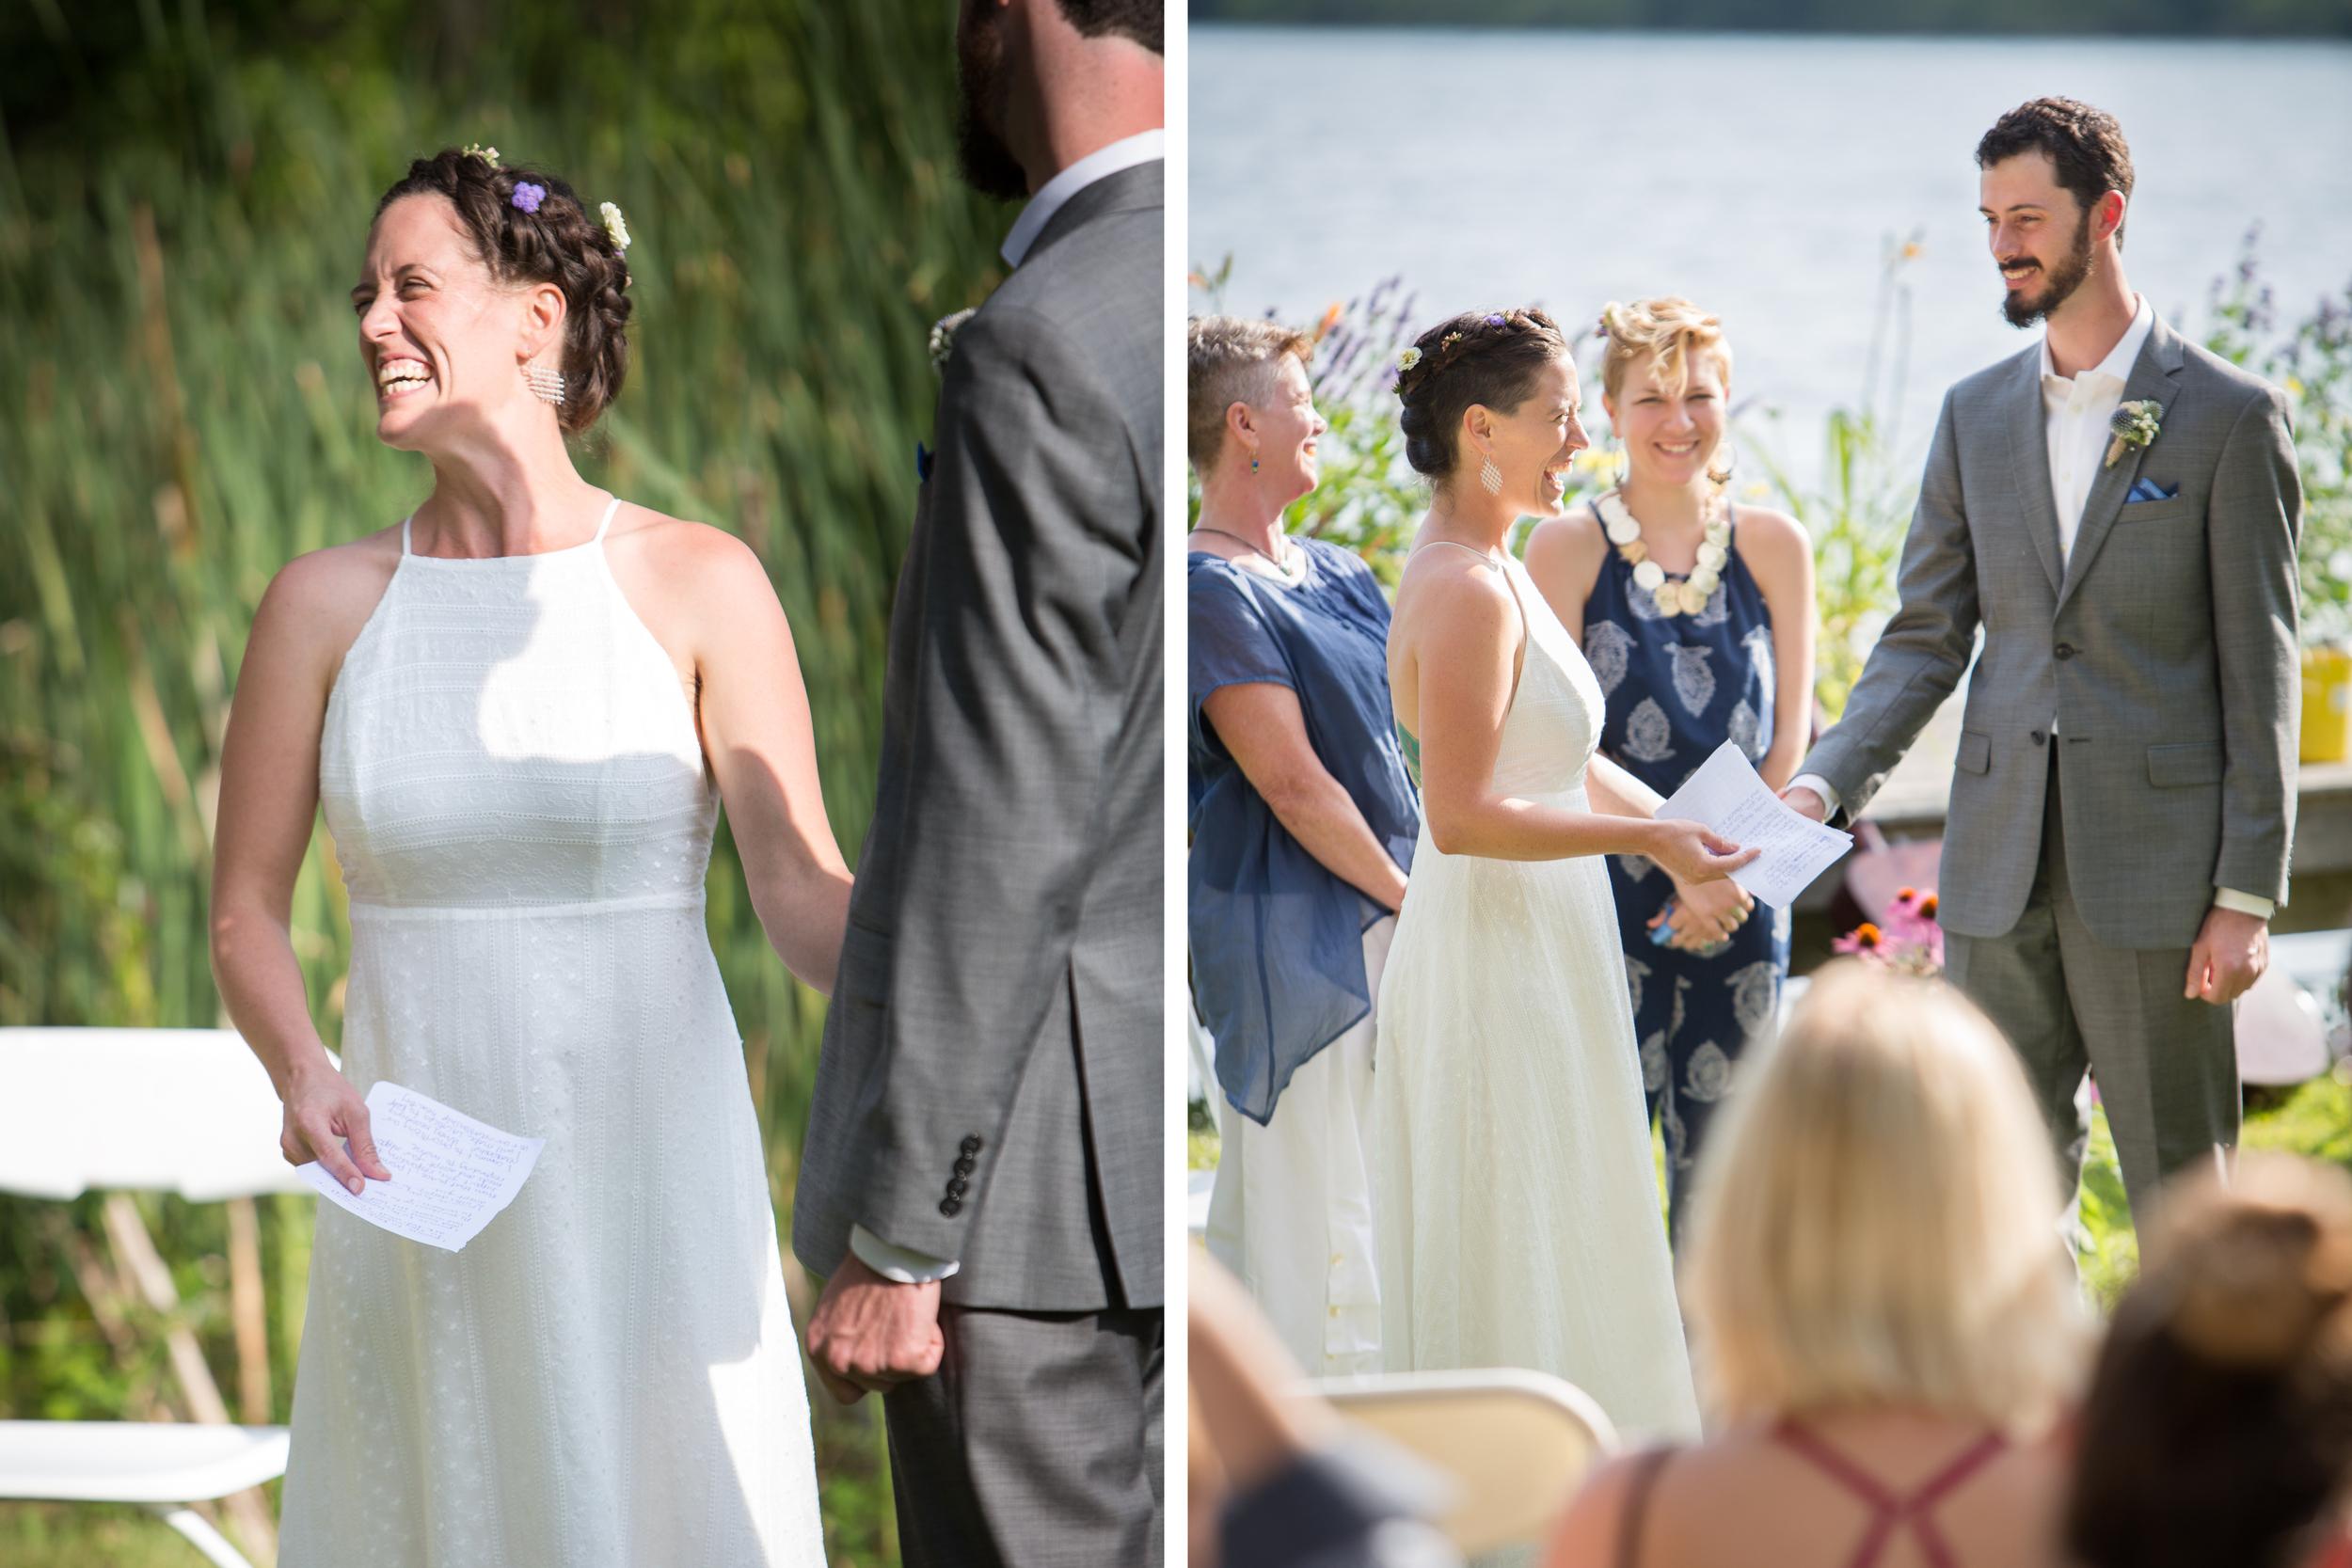 diy-lake-wedding.jpg